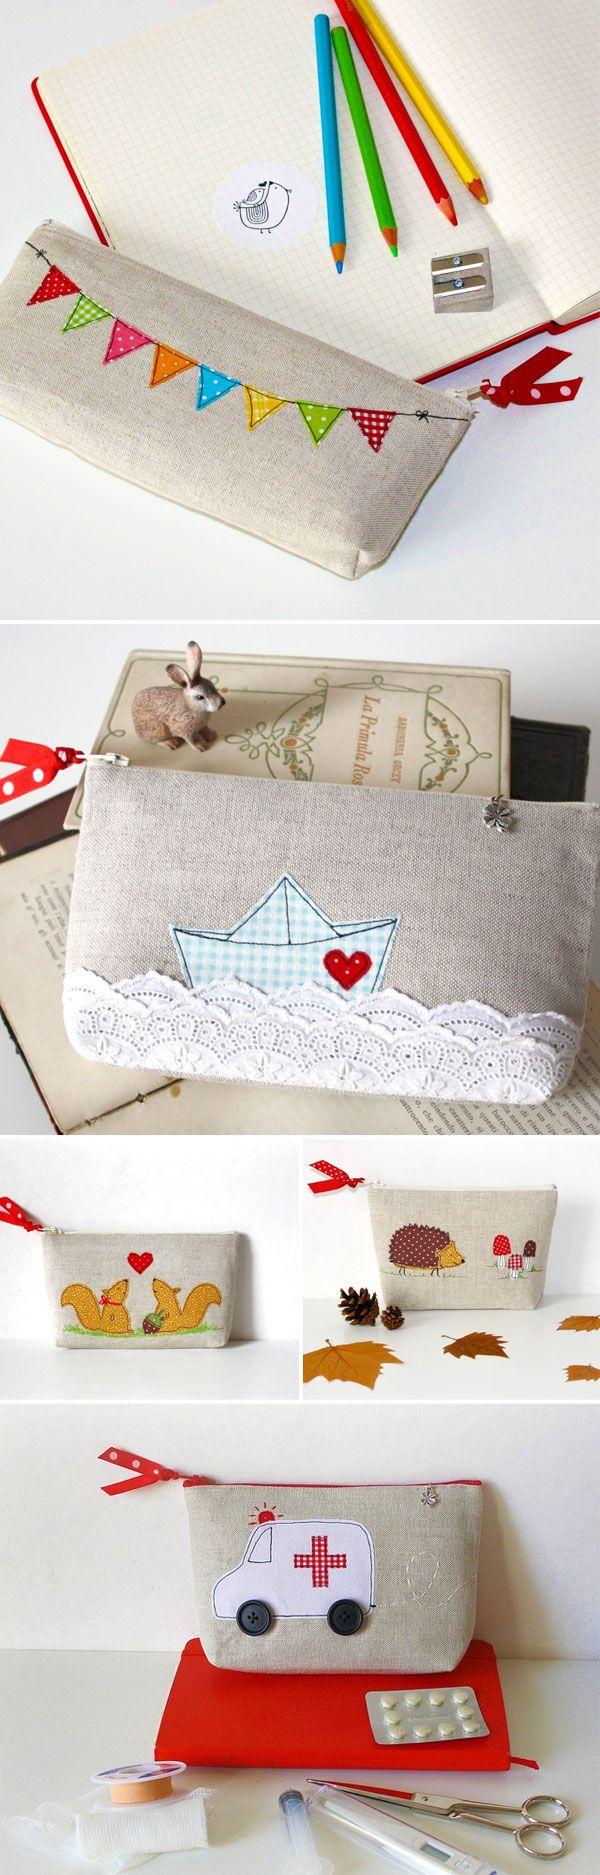 pouches t schchen taschen selber machen n hen pinterest taschen selber machen selber. Black Bedroom Furniture Sets. Home Design Ideas